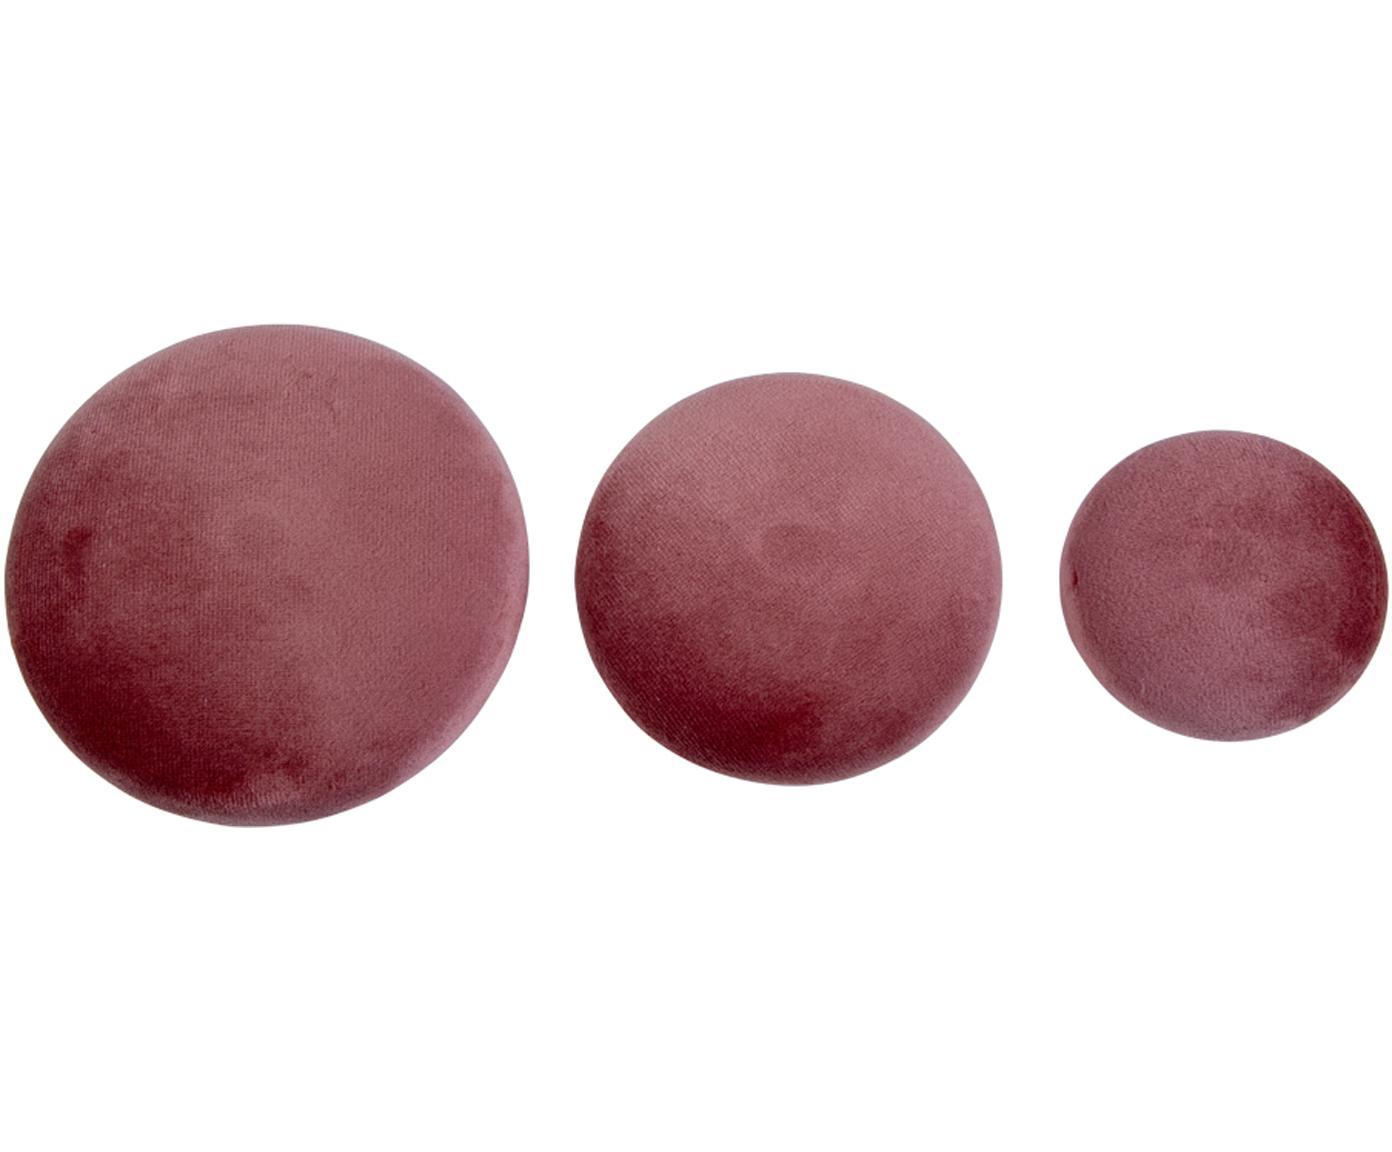 Komplet haków z aksamitu Giza, 3 elem., Różowy, odcienie mosiądzu, Różne rozmiary